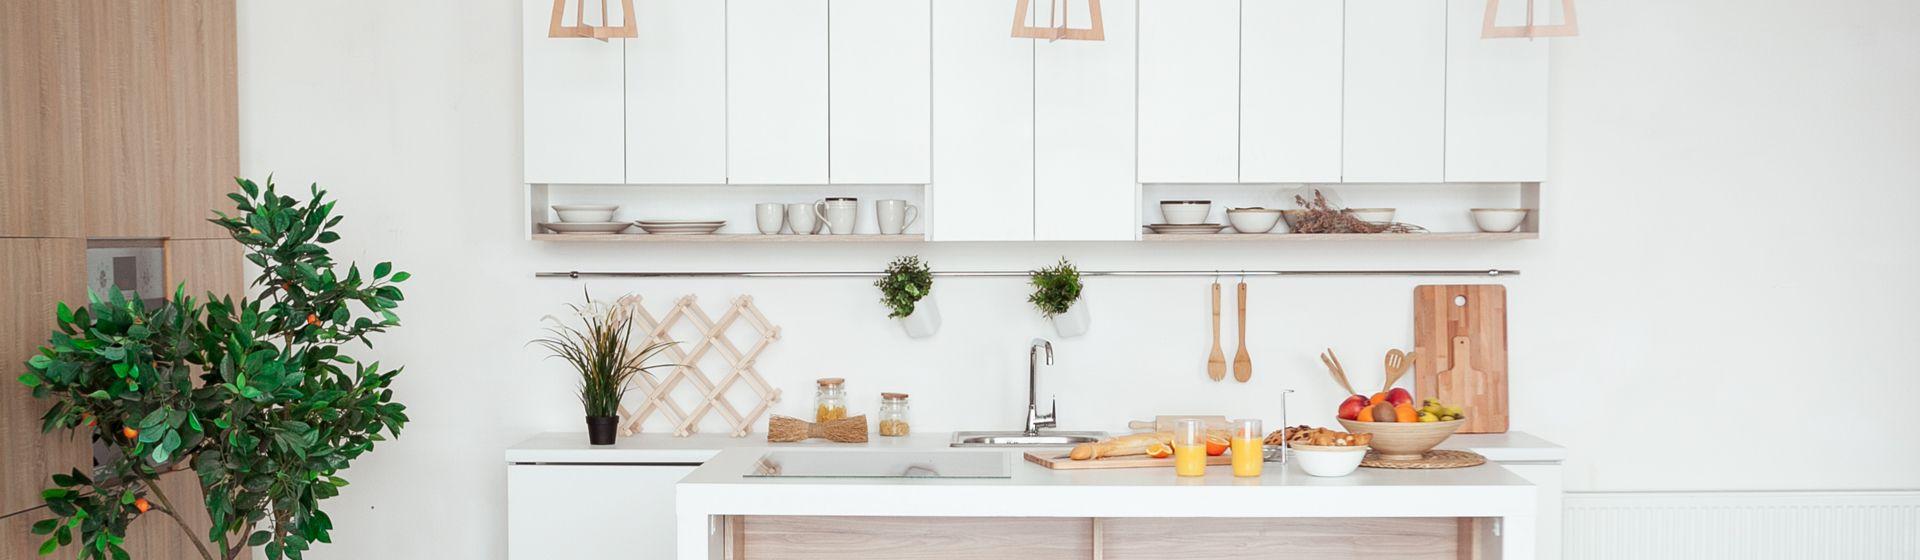 Cozinha planejada pequena: 4 ideias para organizar o espaço